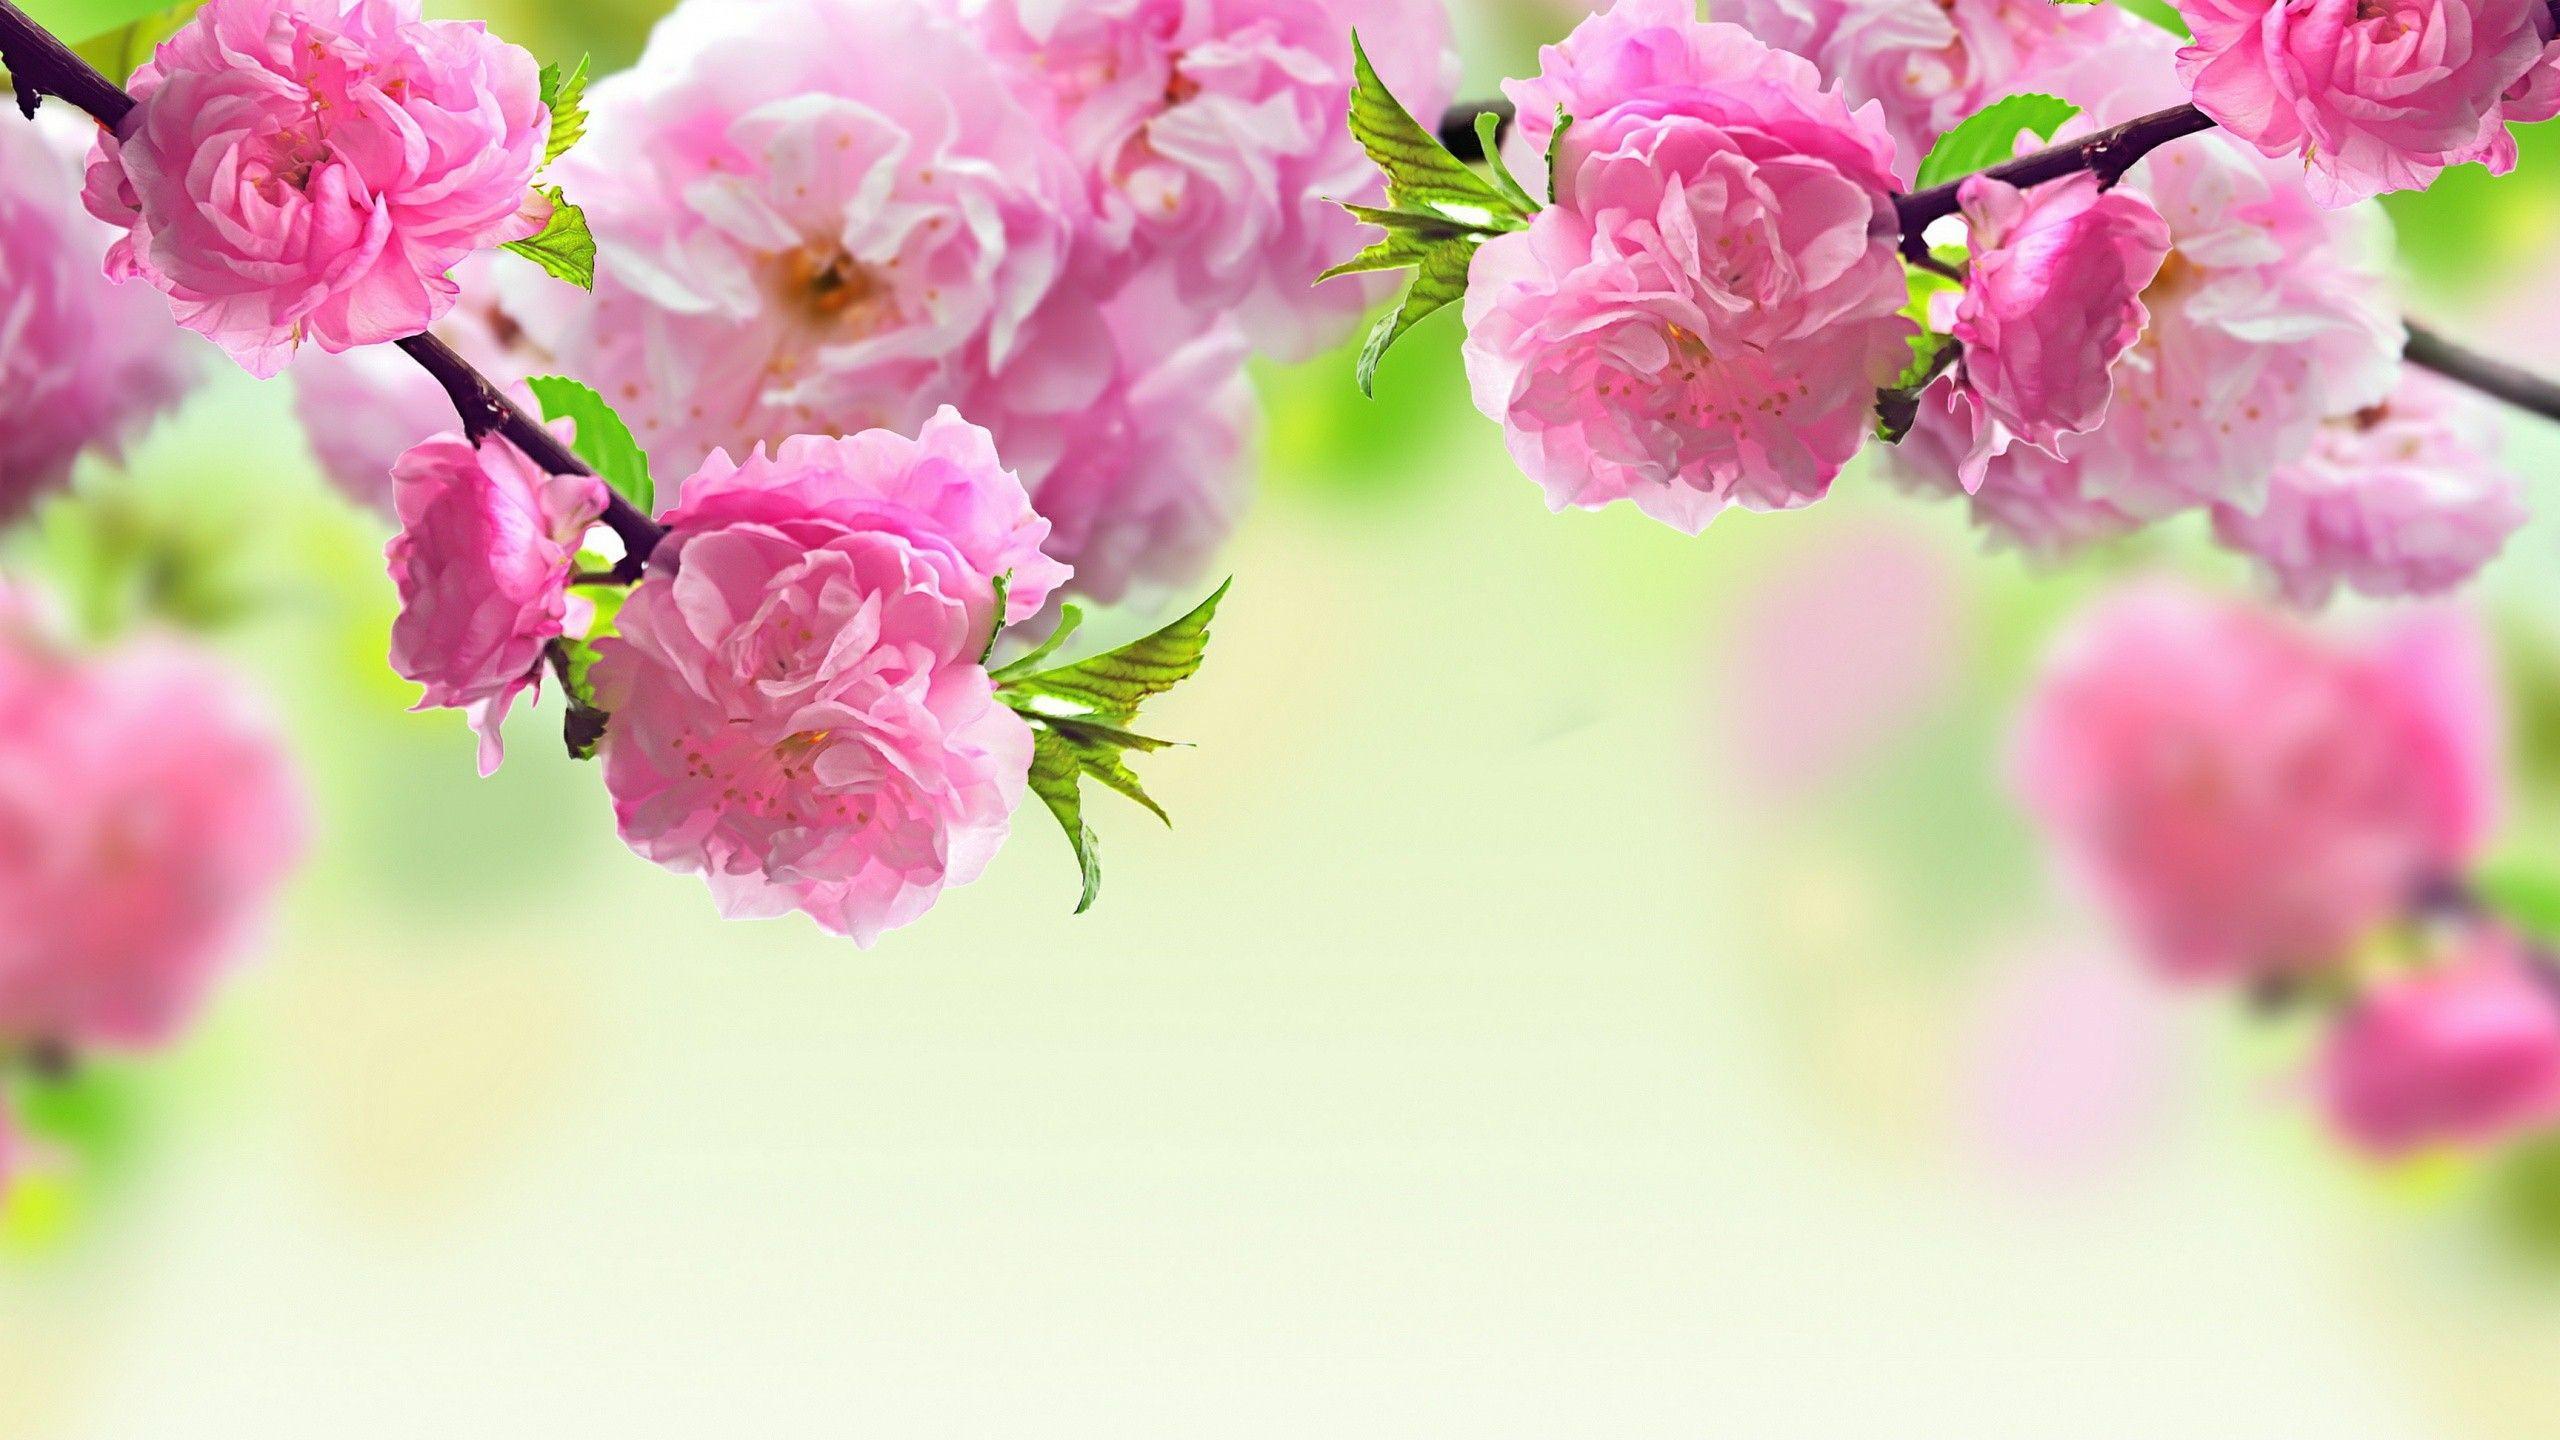 Flowers Healthy